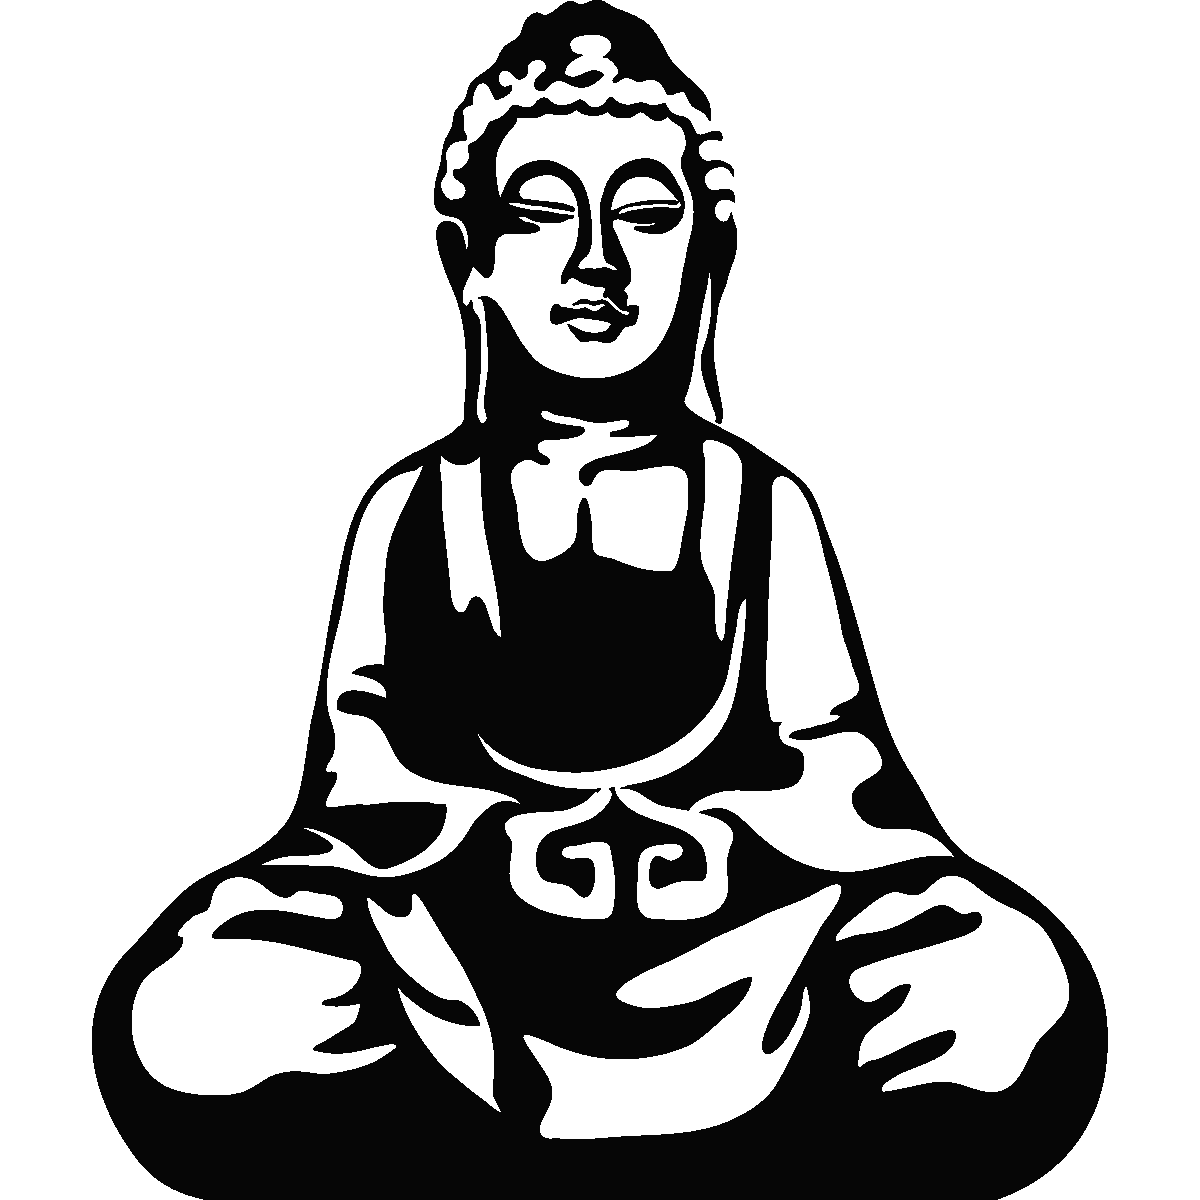 Muurstickers silhouettes muursticker zittende boeddha ambiance - Badkamer zen natuur ...